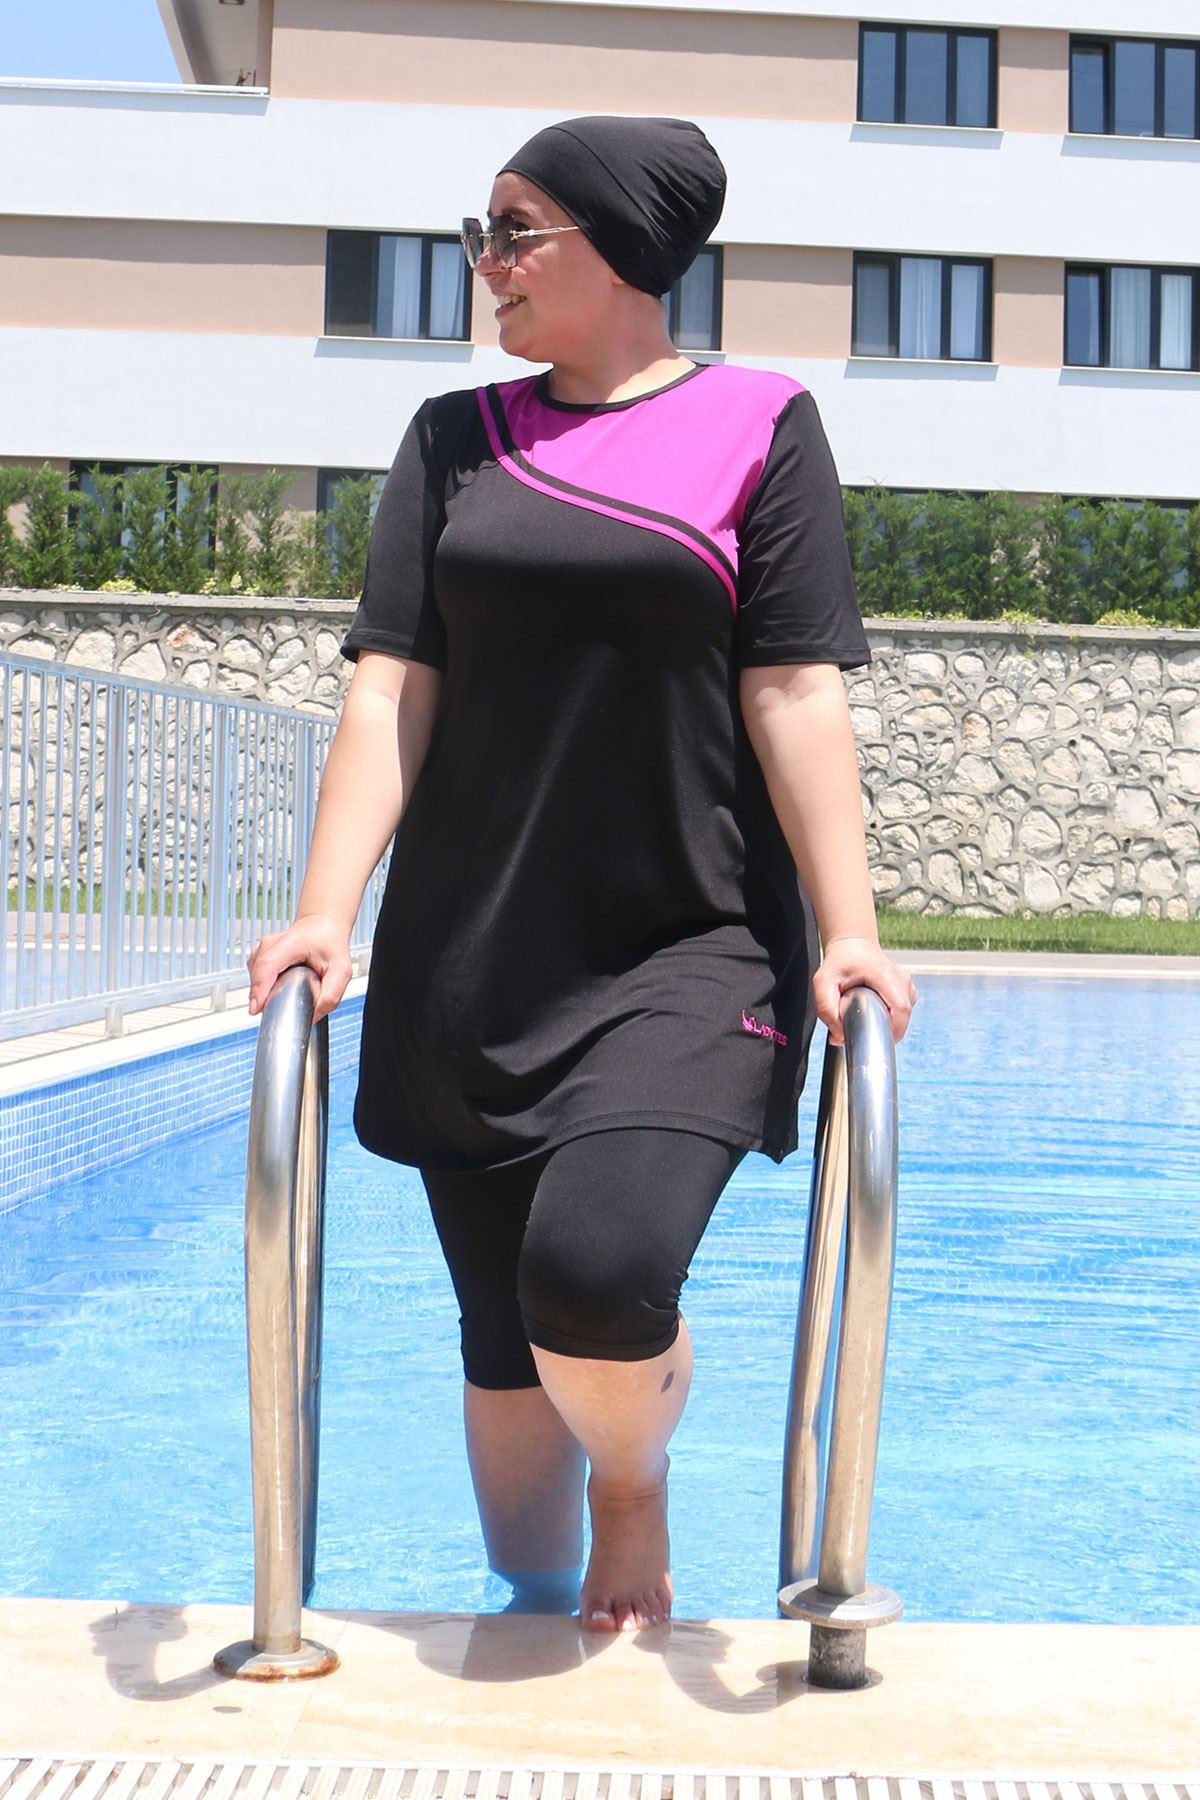 2335 ملابس سباحة  مقاس كبير نصف مغطى للمحجبات - أسود